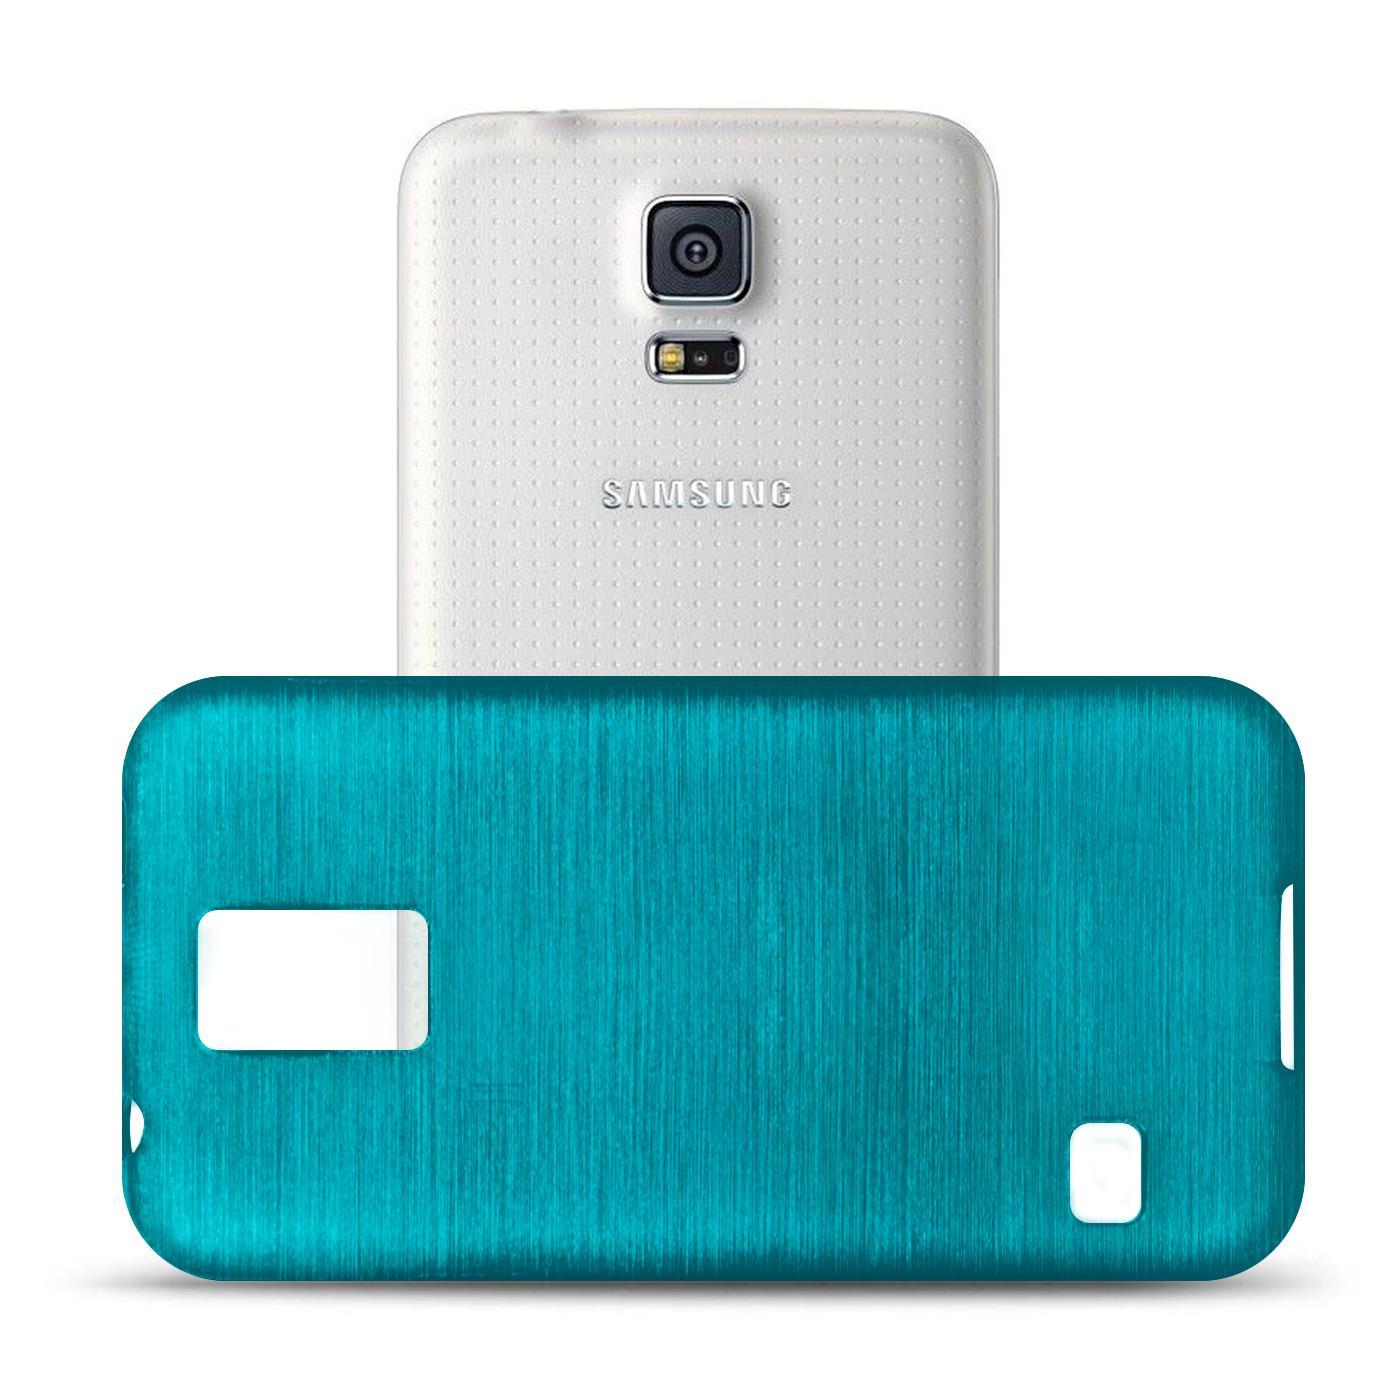 Silikon-Bumper-Case-Samsung-Galaxy-s5-Neo-duenne-ultra-slim-Stossfeste-Rueckschale Indexbild 12